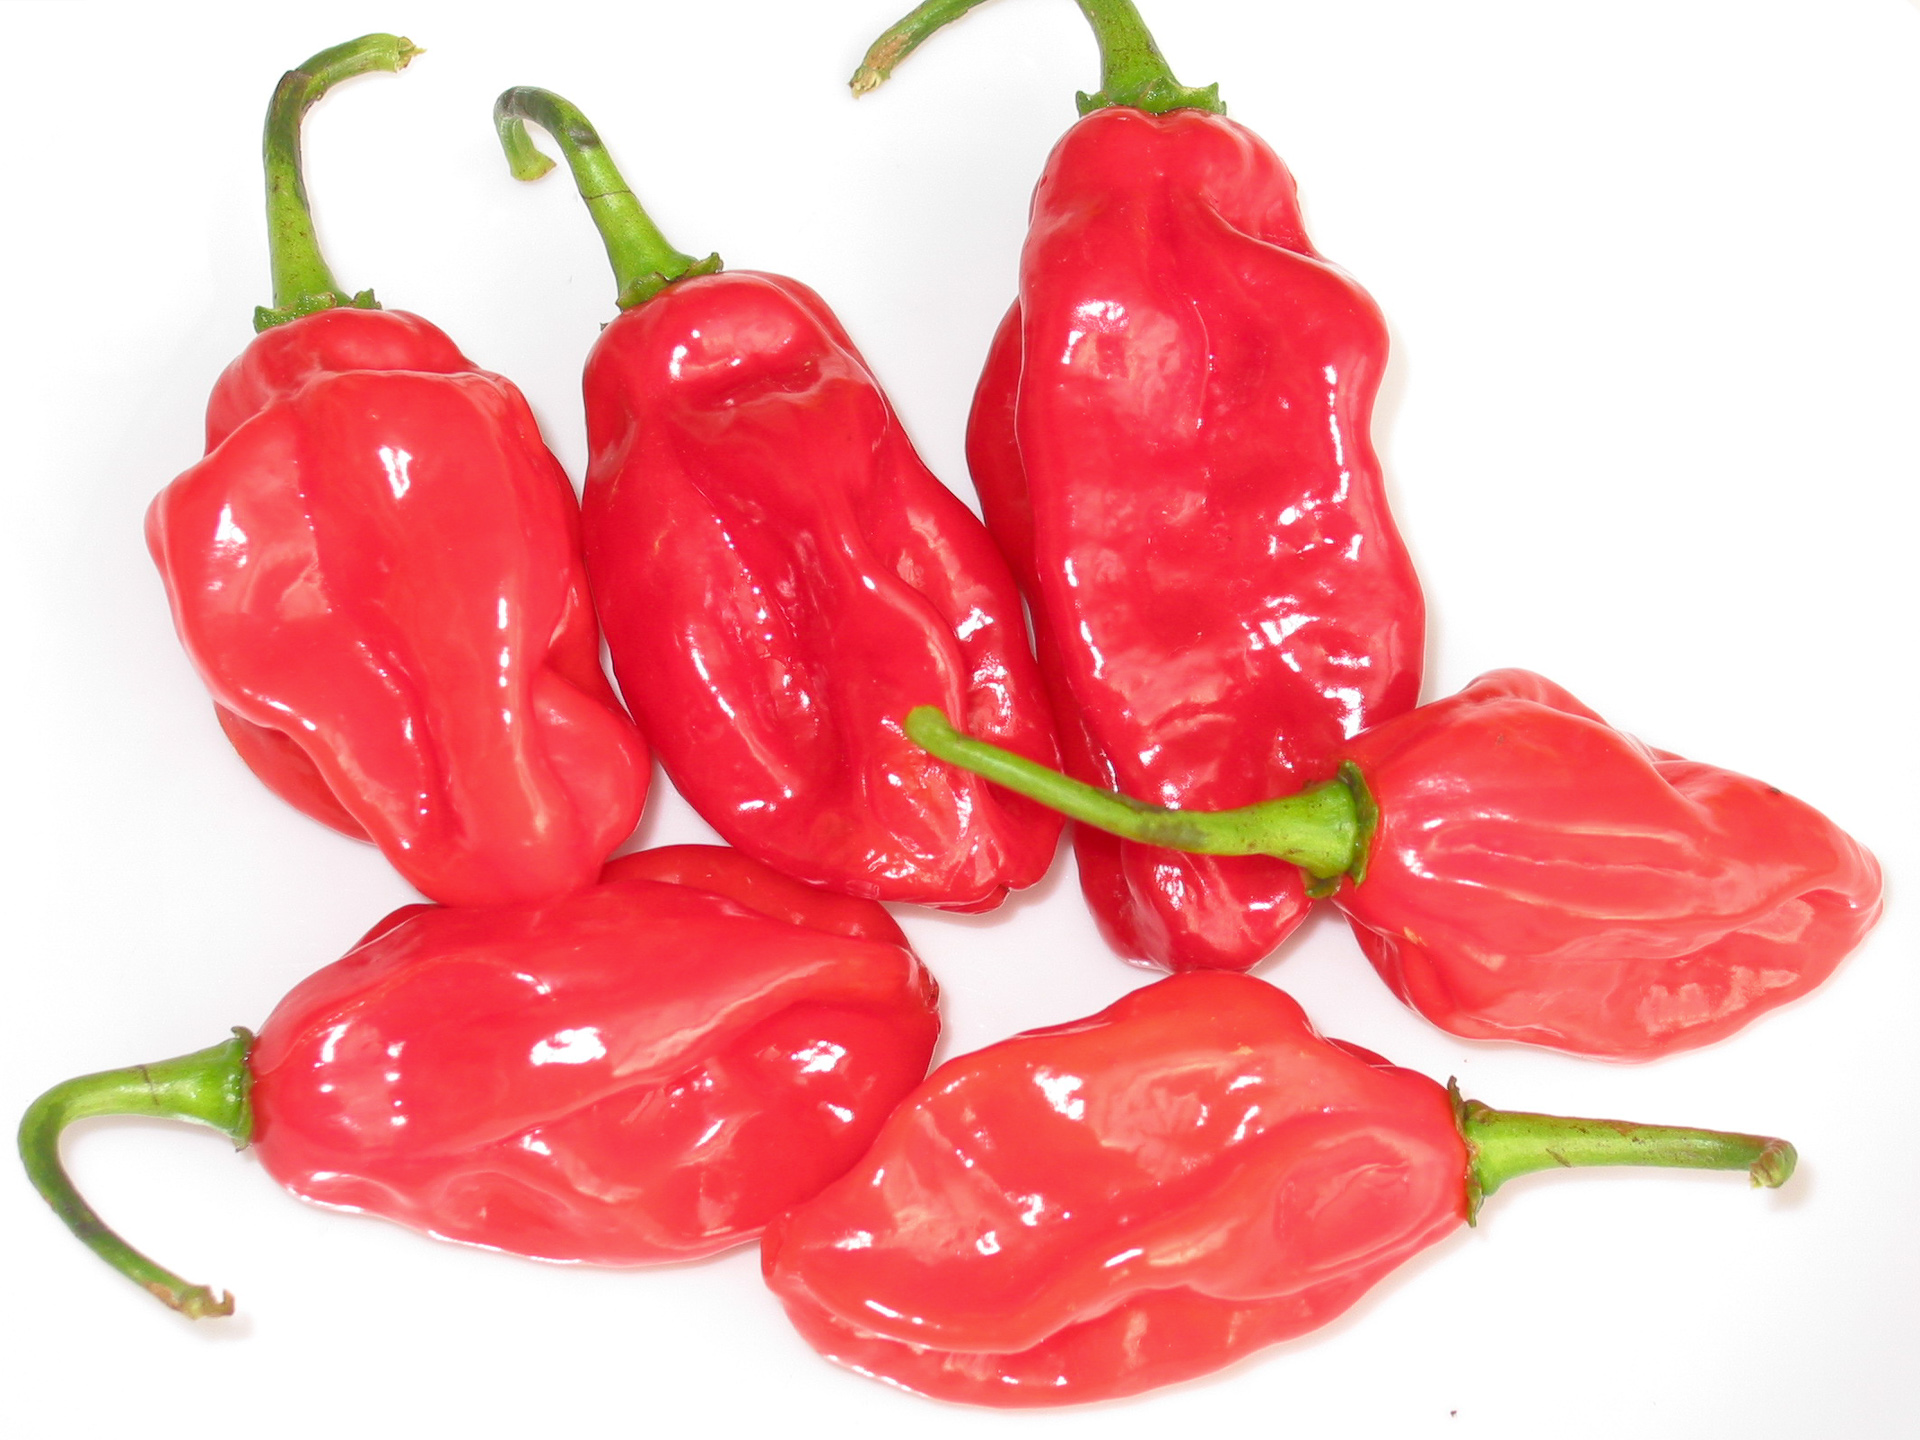 Nemesnádudvari Tf - Capsicum annuum - Chilisorte